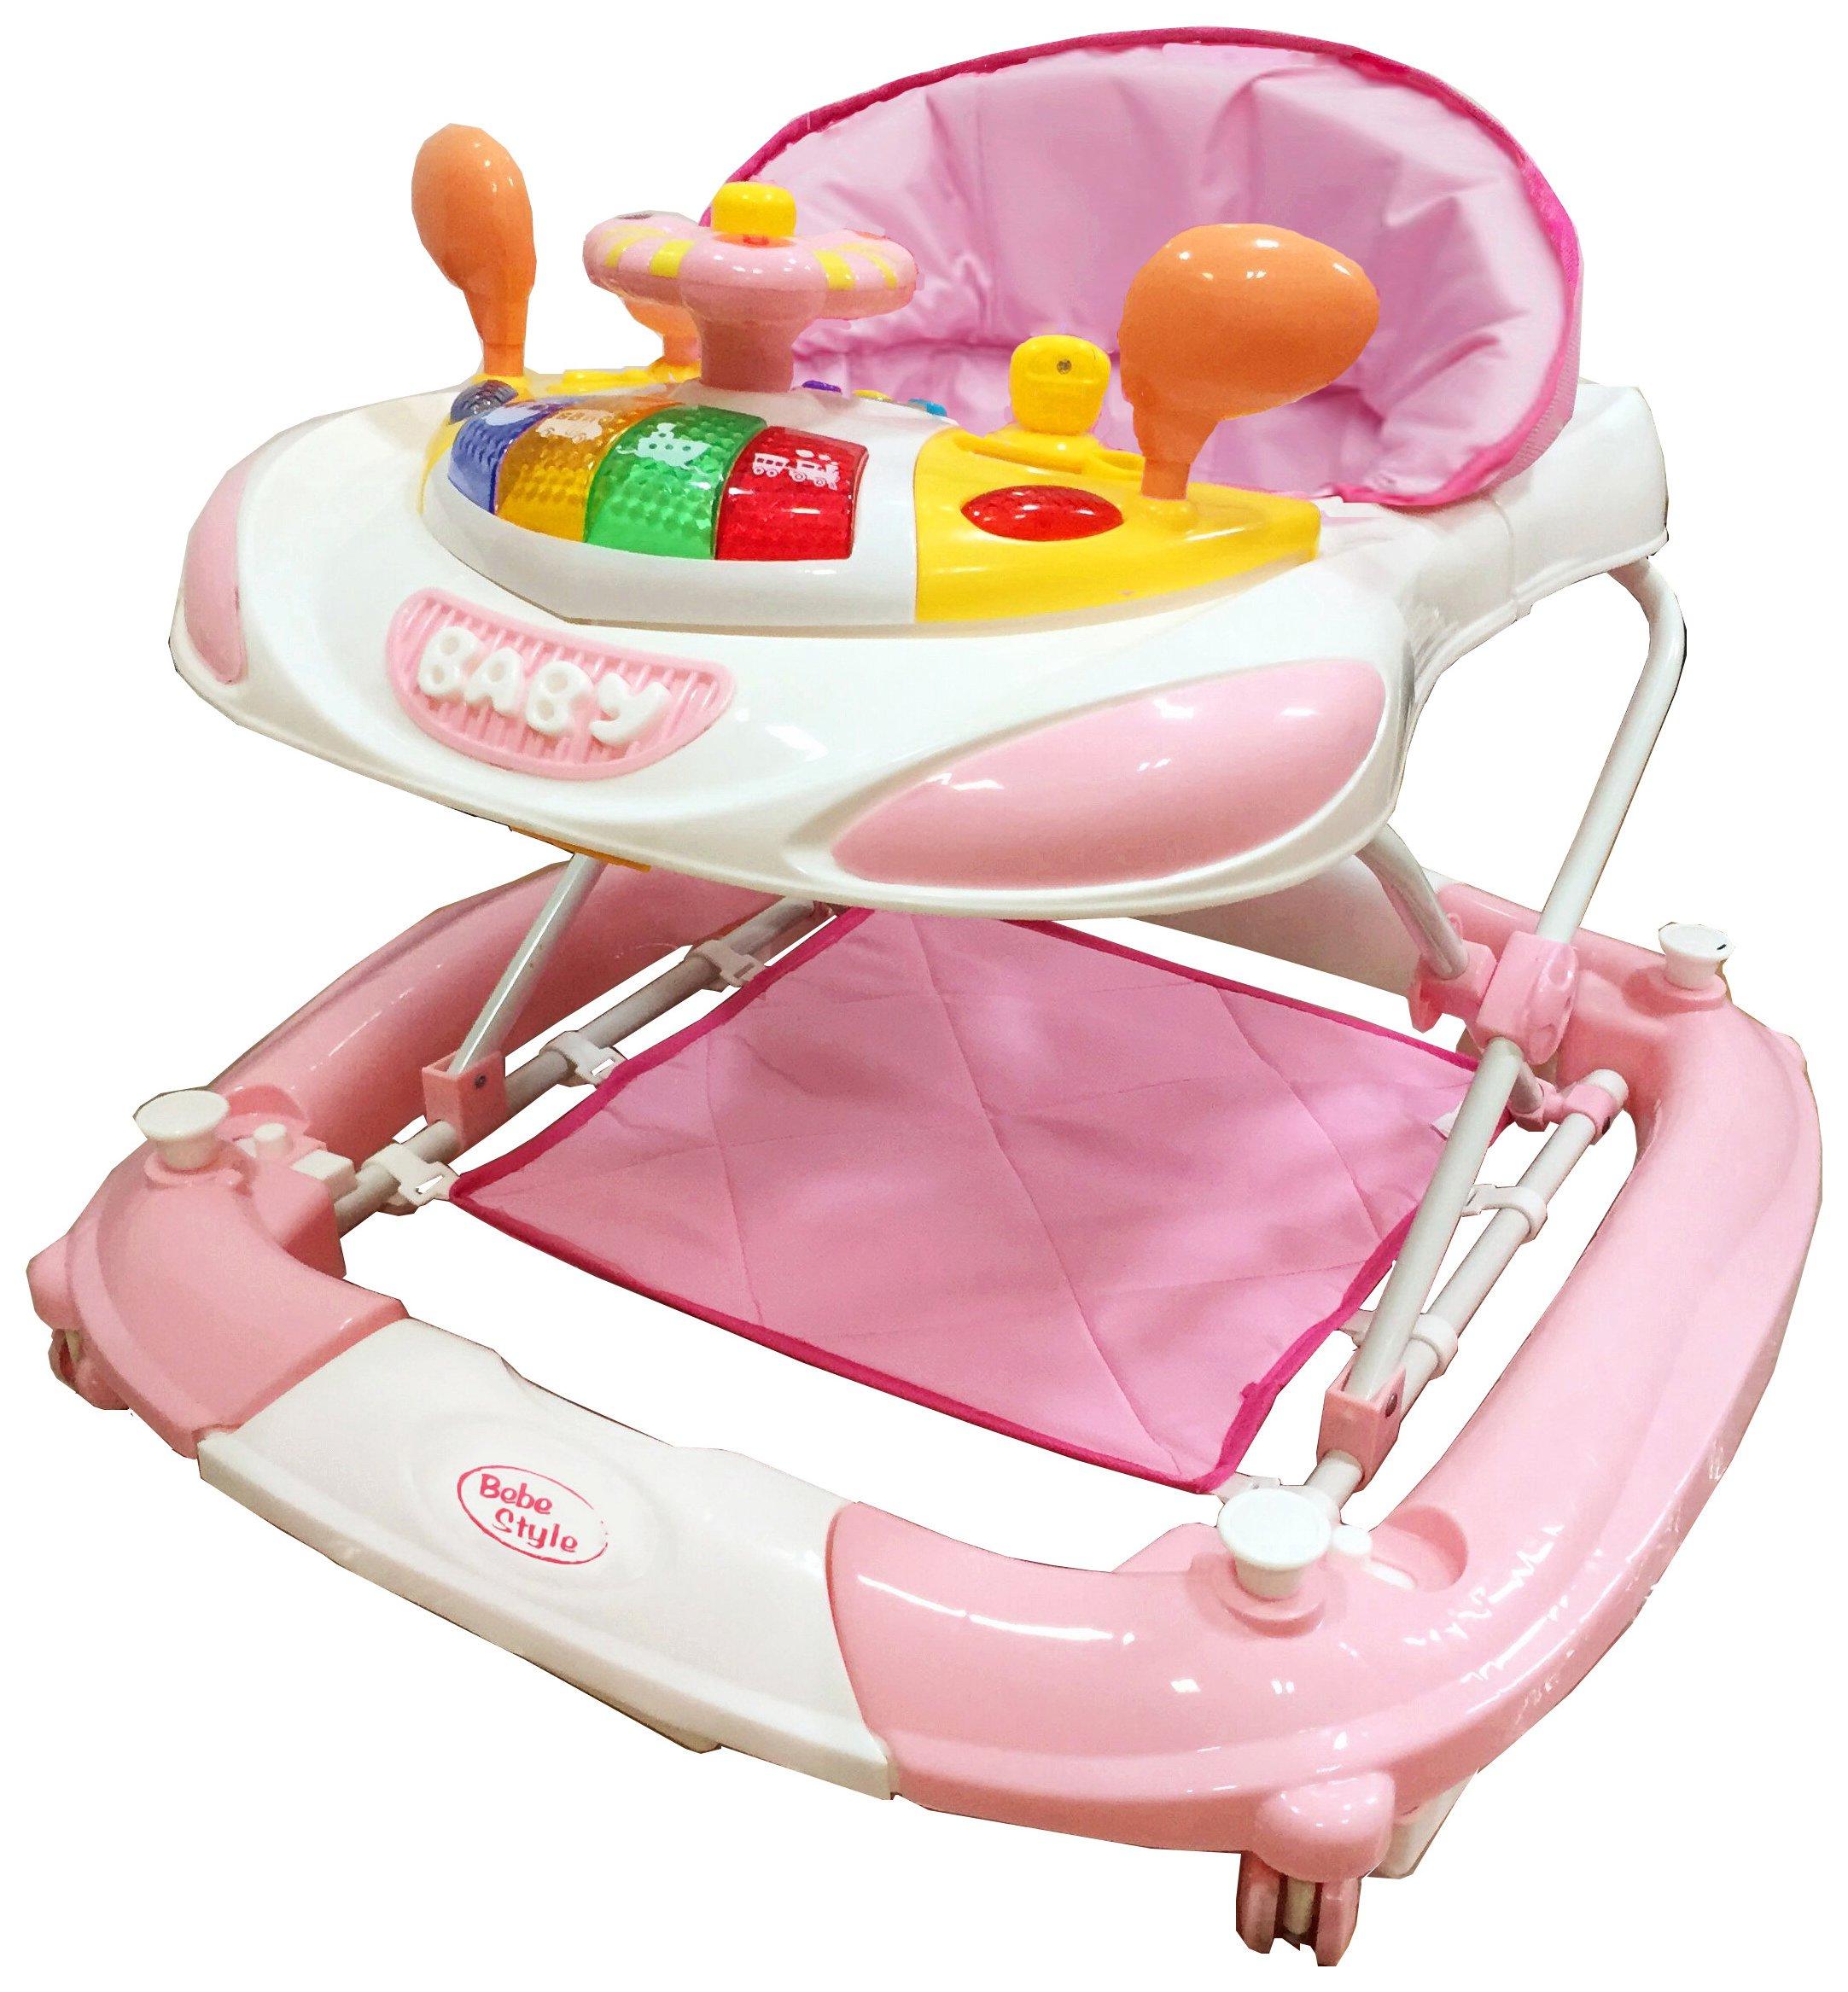 Bebe Style F1 Racing Car Walker n Rocker - Pink